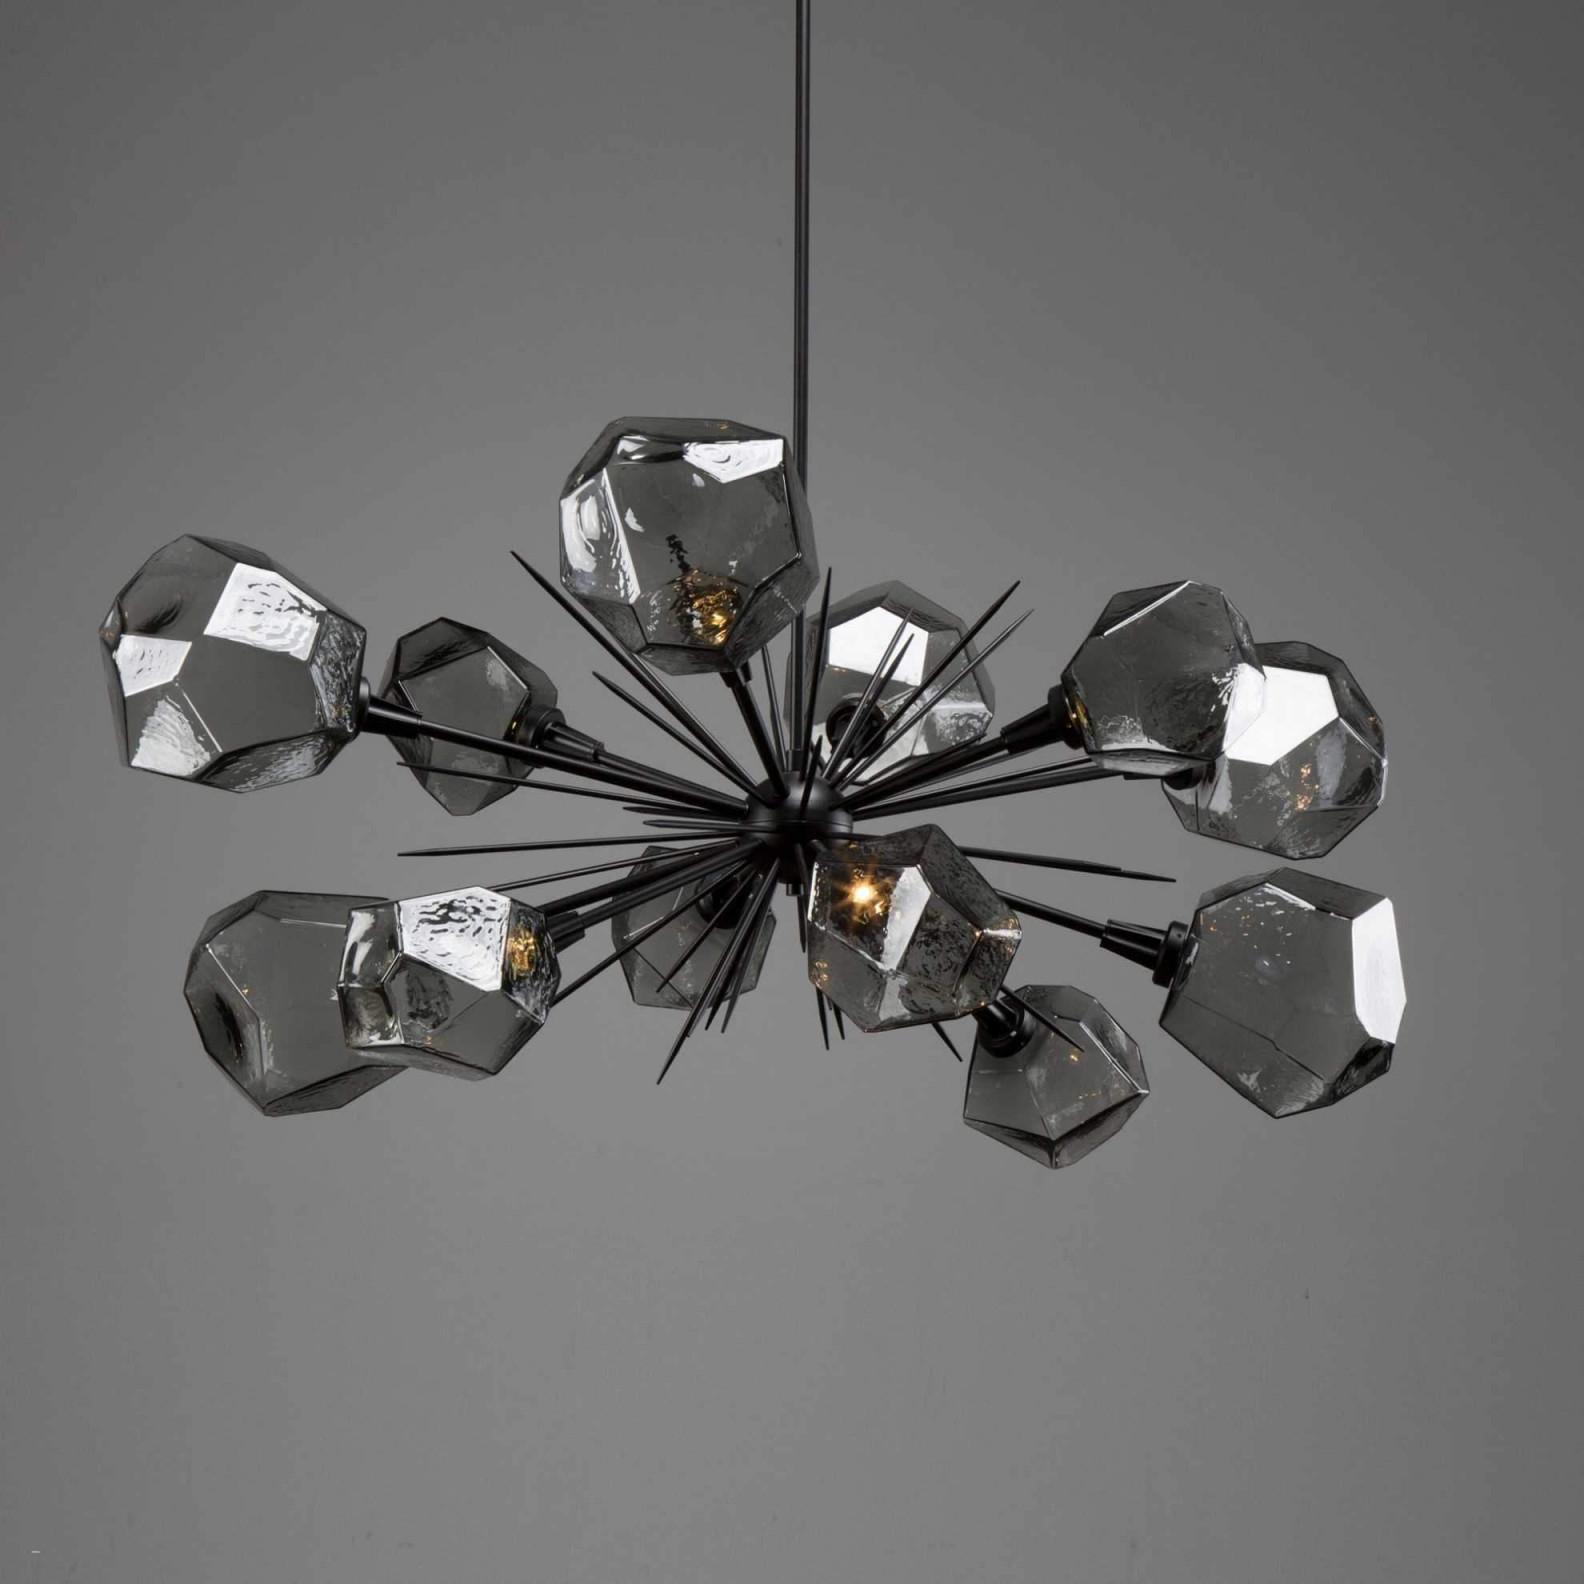 Lampen Wohnzimmer Design Luxus 37 Oben Von Von Led von Design Wohnzimmer Lampe Photo